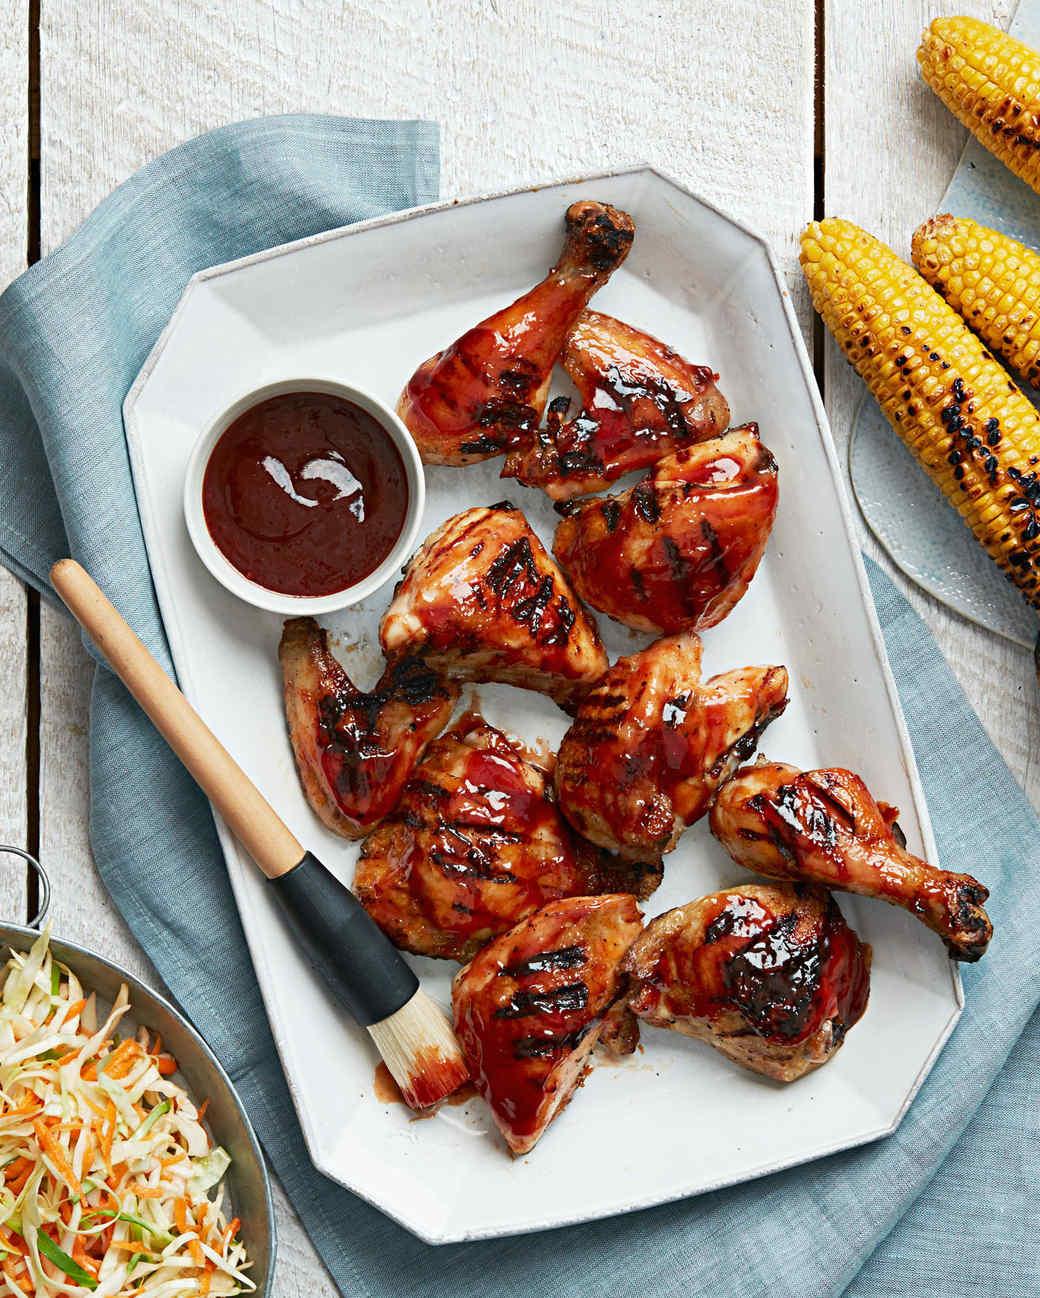 test kitchens favorite grilled chicken